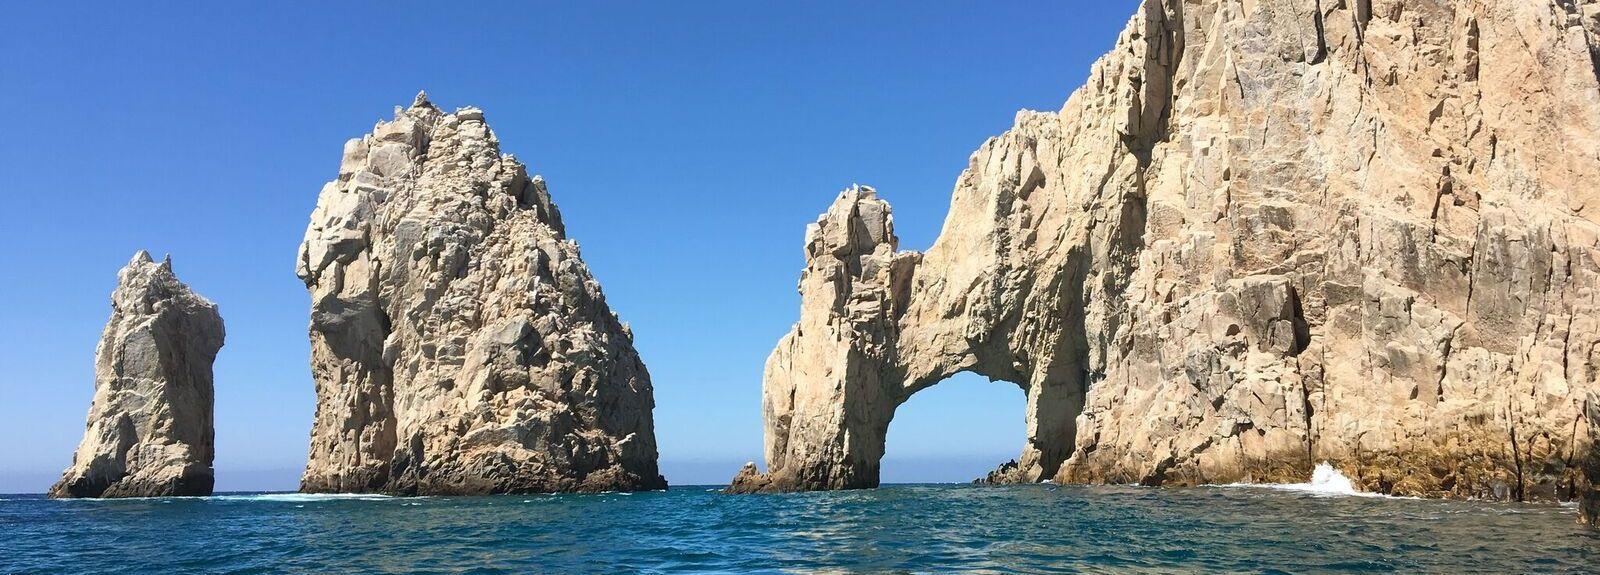 El Medano Ejidal, Cabo San Lucas, Baja California Sur, Mexico